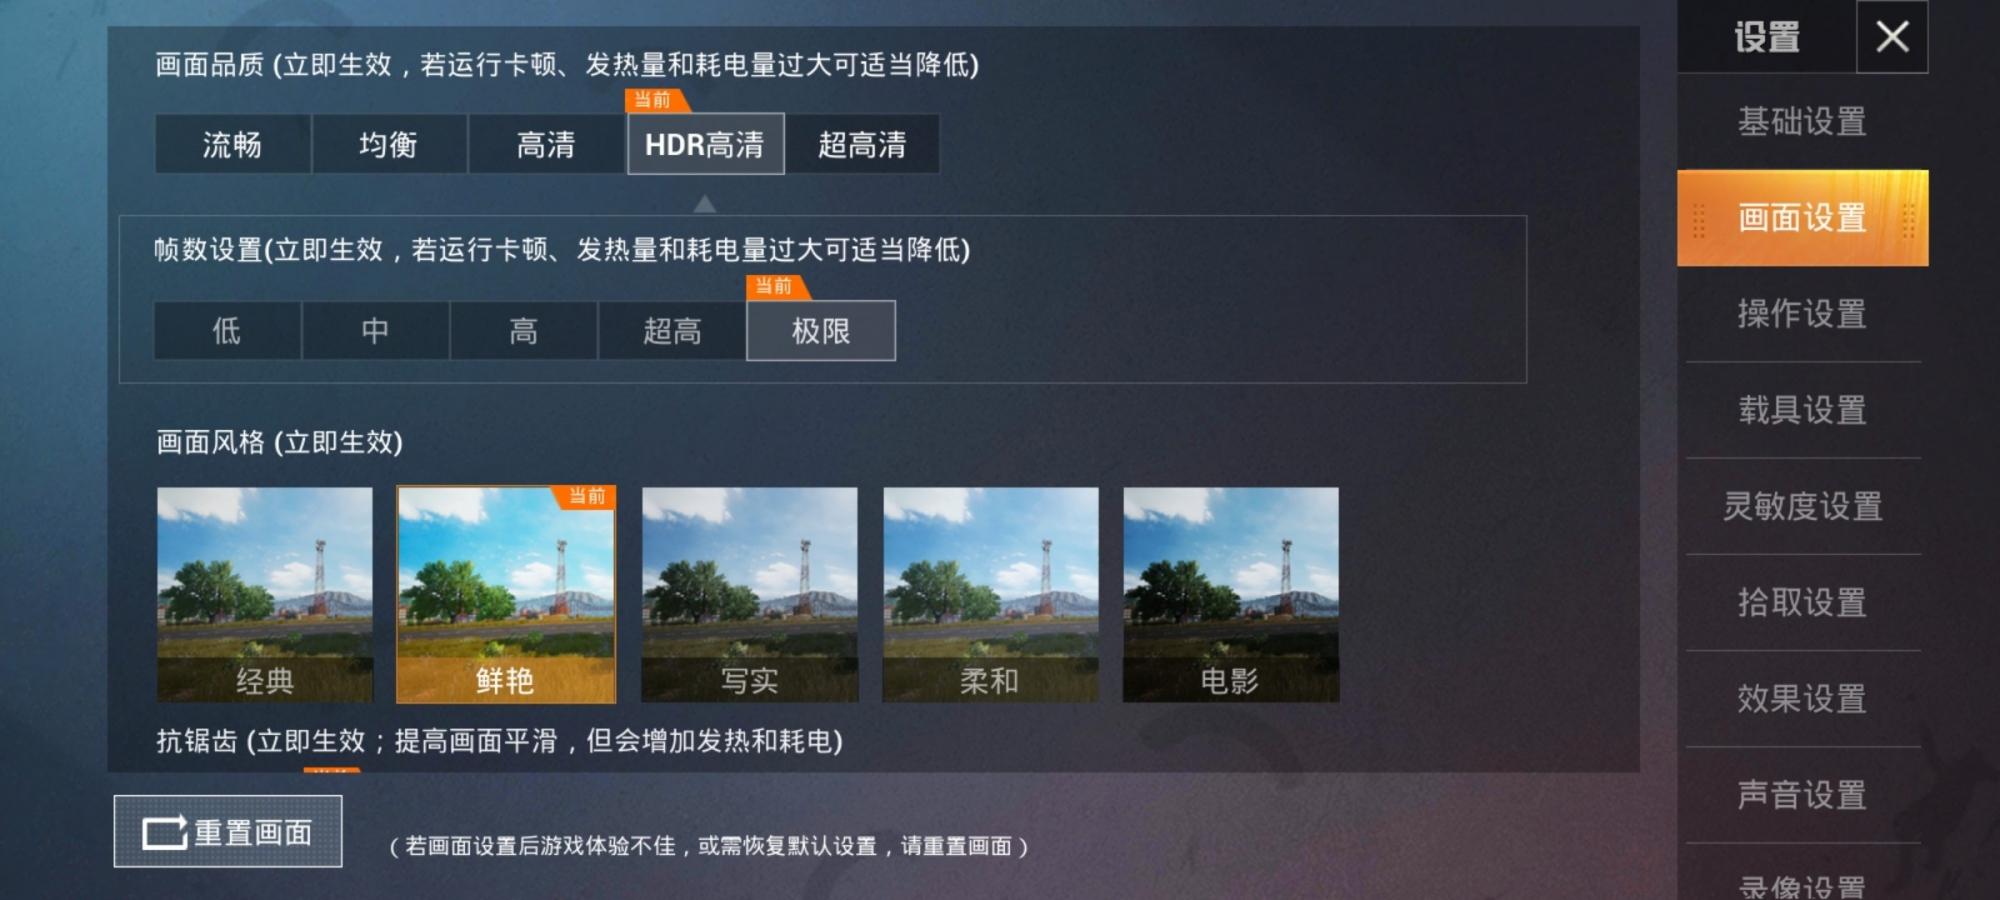 Screenshot_20200113_234409_com.tencent.tmgp.pubgmhd.jpg